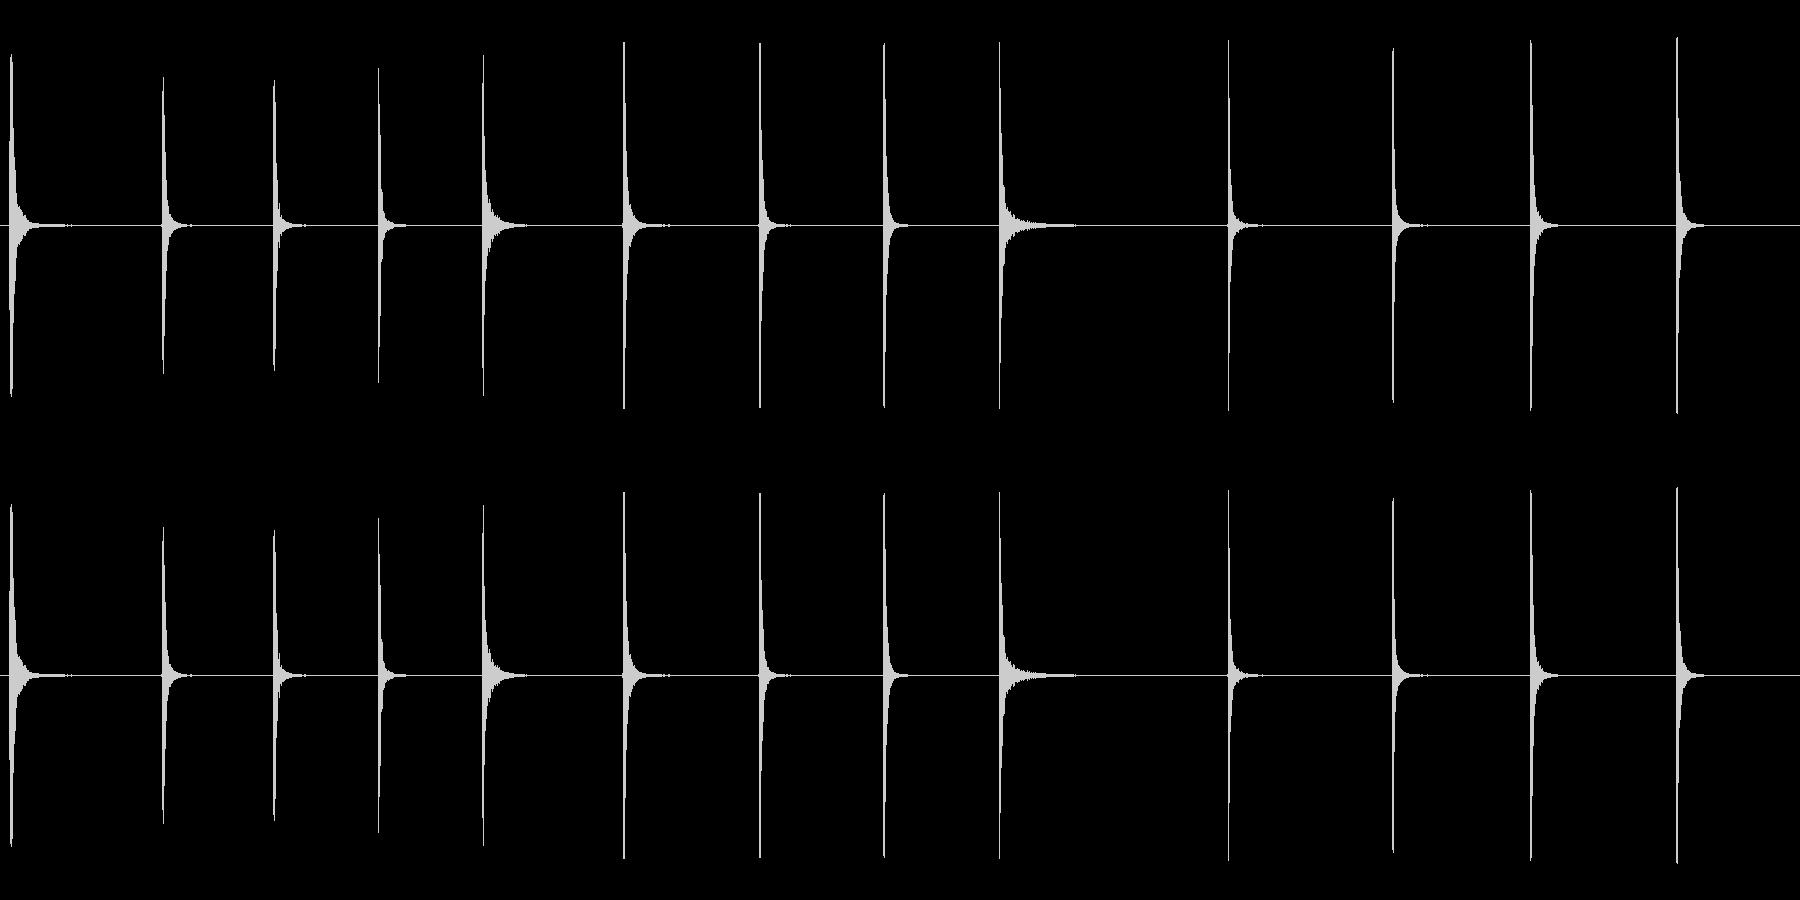 さまざまなハンマーヒットと重い板金のピンの未再生の波形